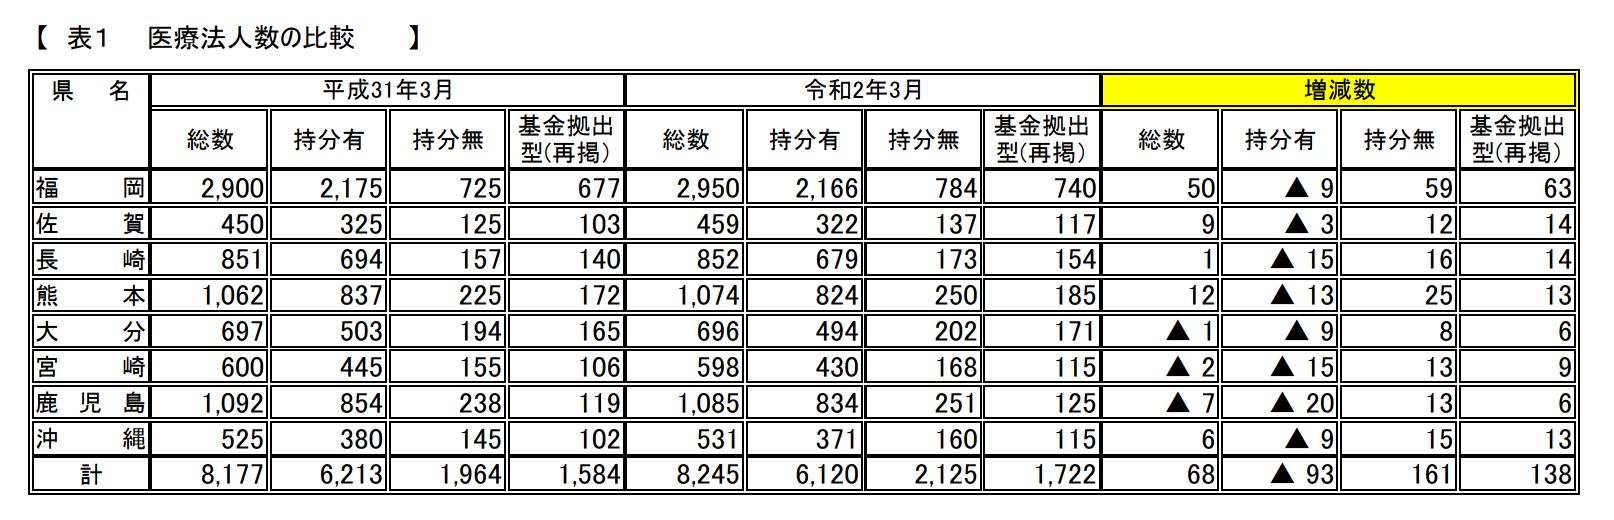 表1 医療法人数の比較